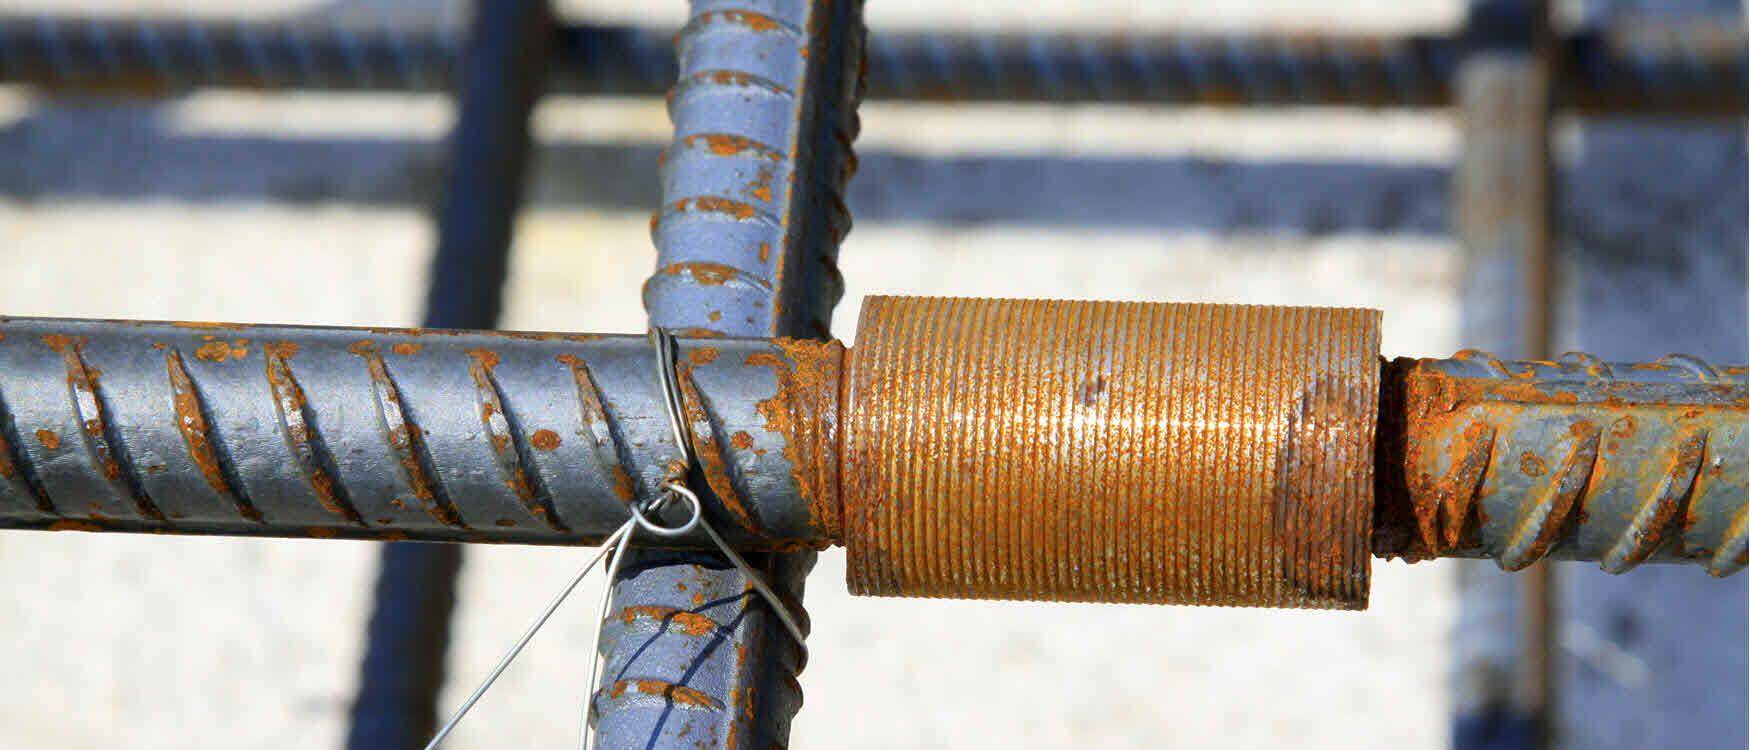 betonconstructies doorkoppeling wapeningstaaf